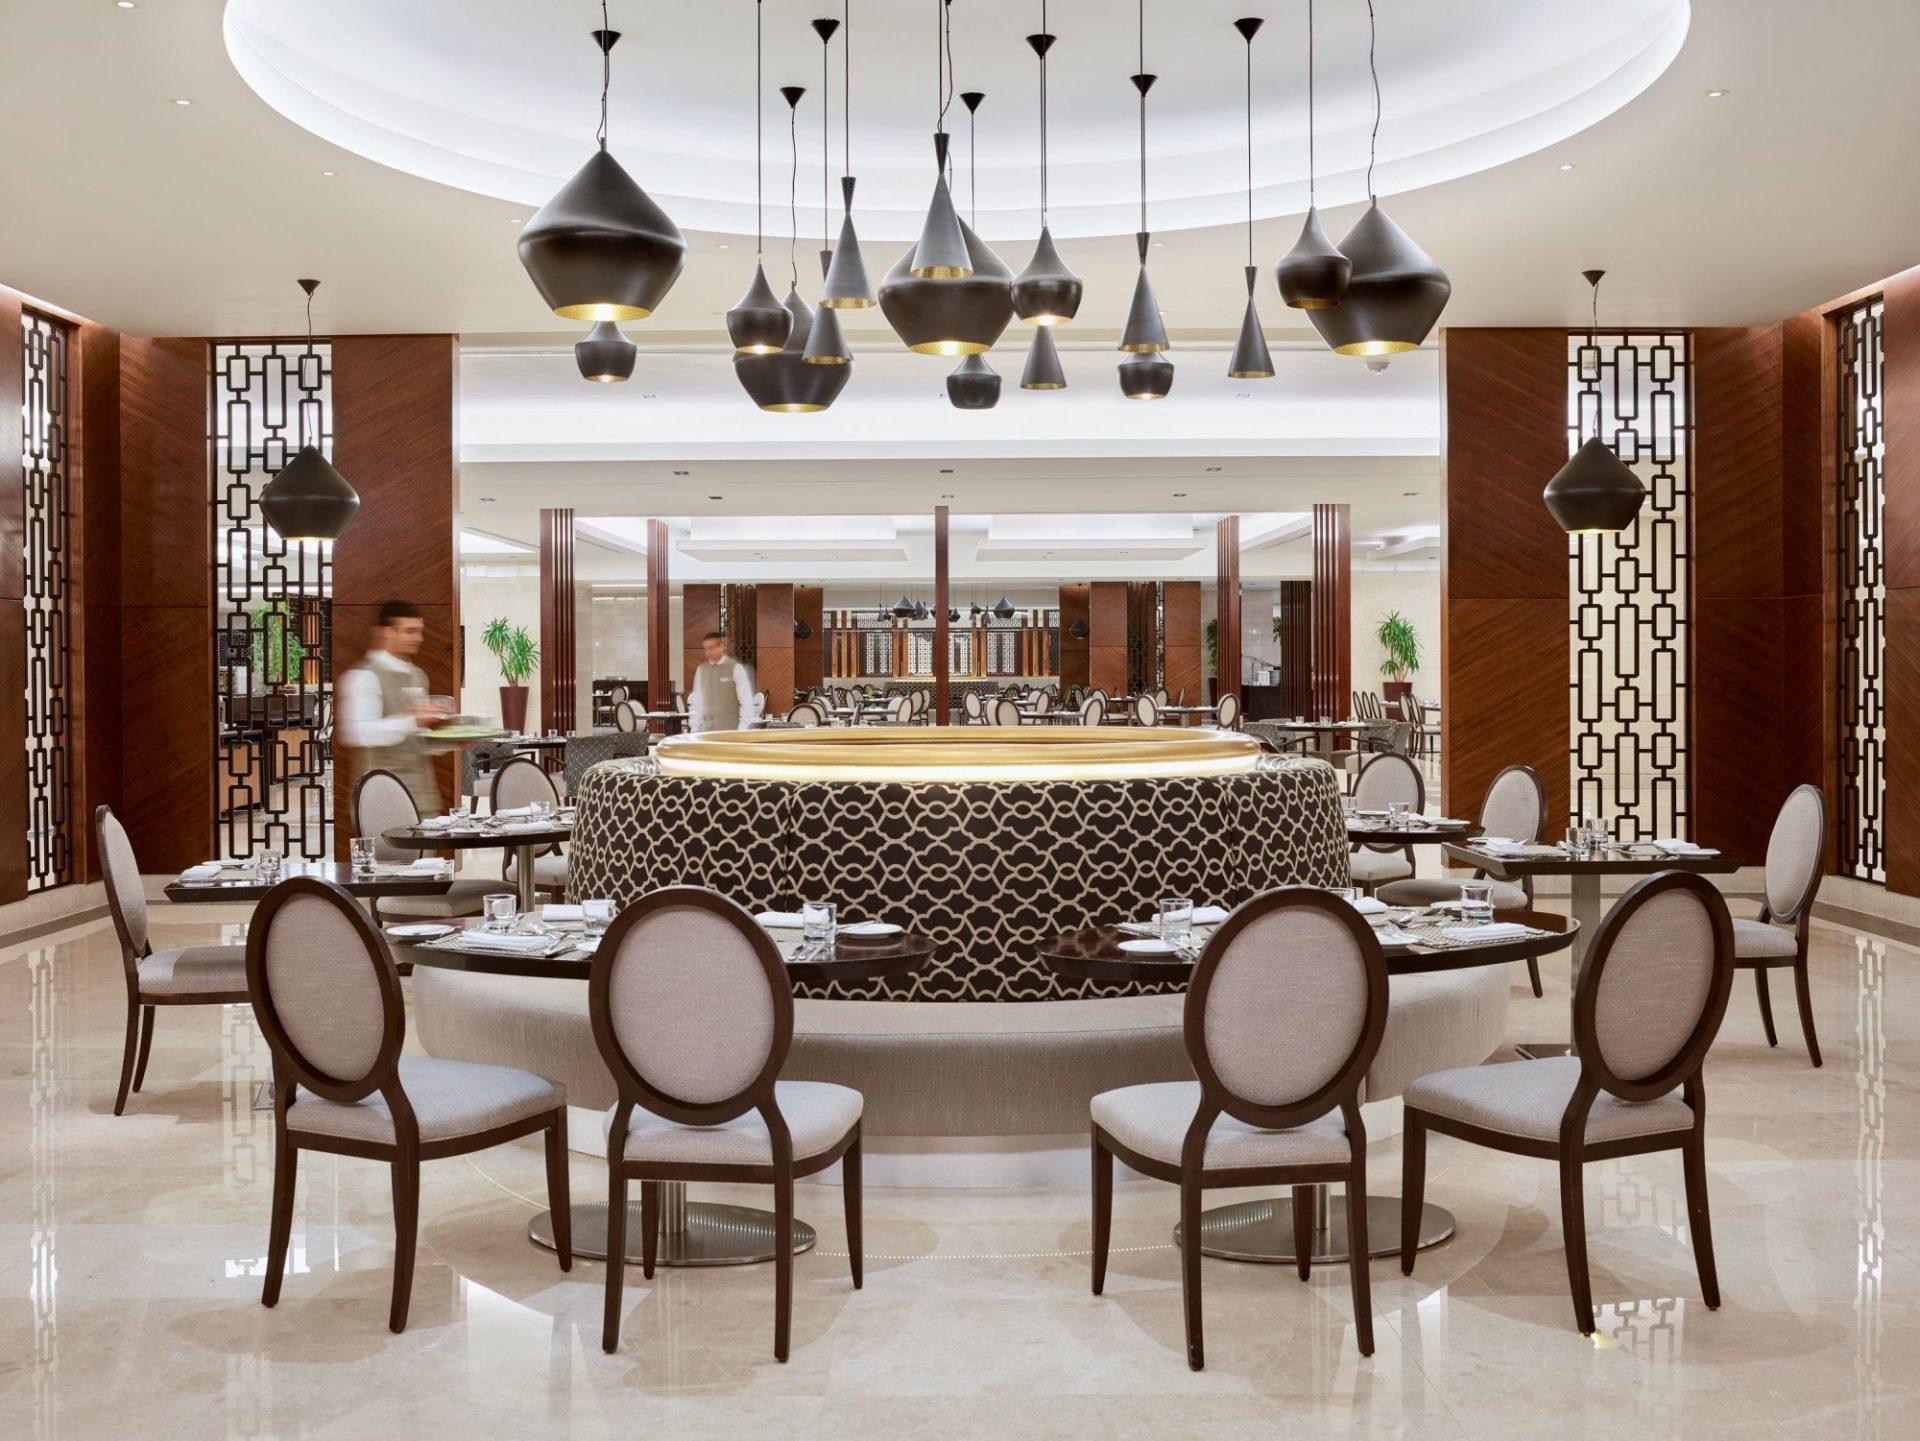 Al Khairat Restaurant_743075_high